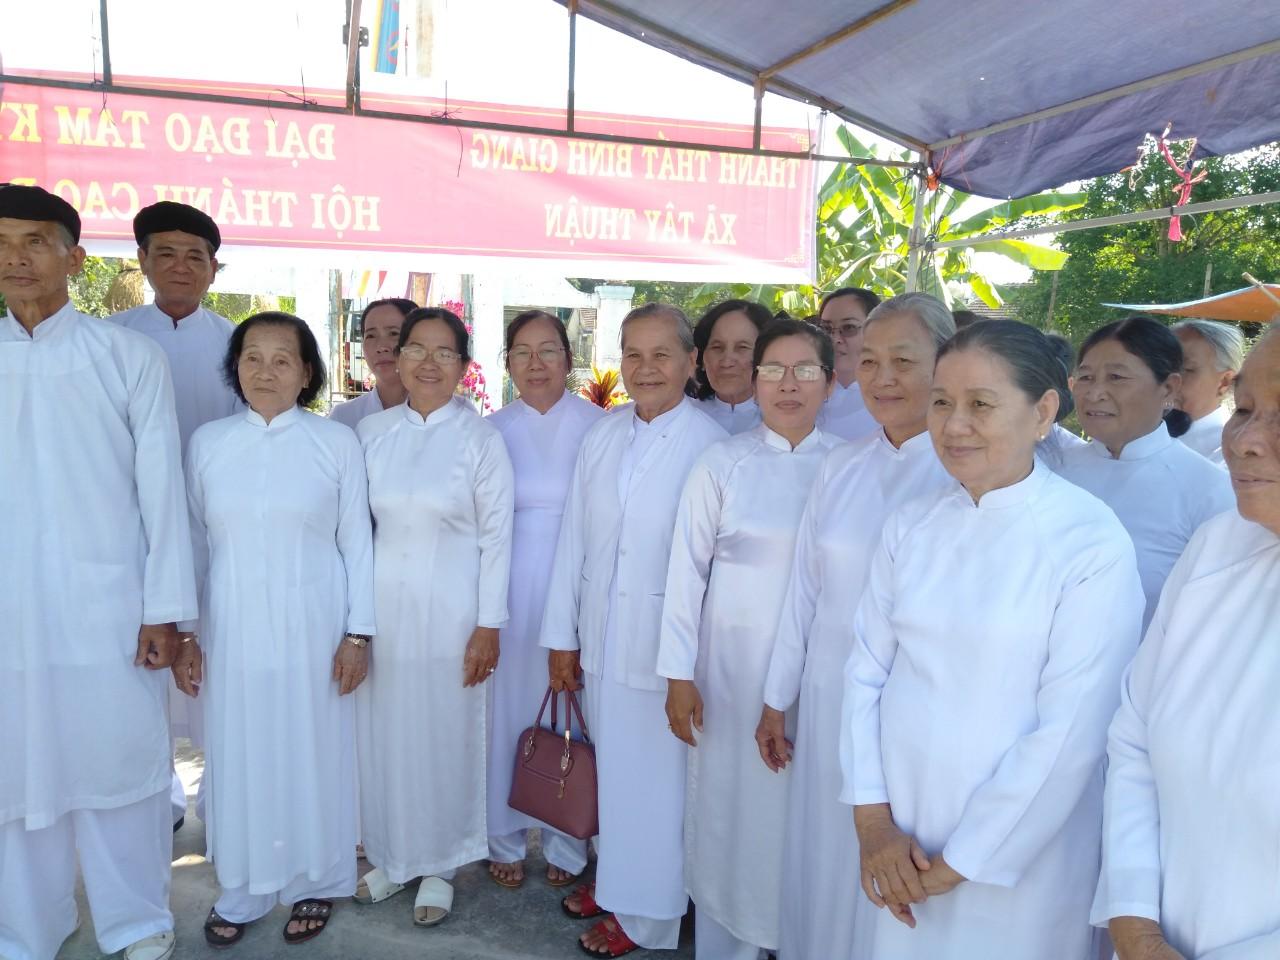 Lễ Khởi Công Trùng Tu Thánh Thất Bình Giang